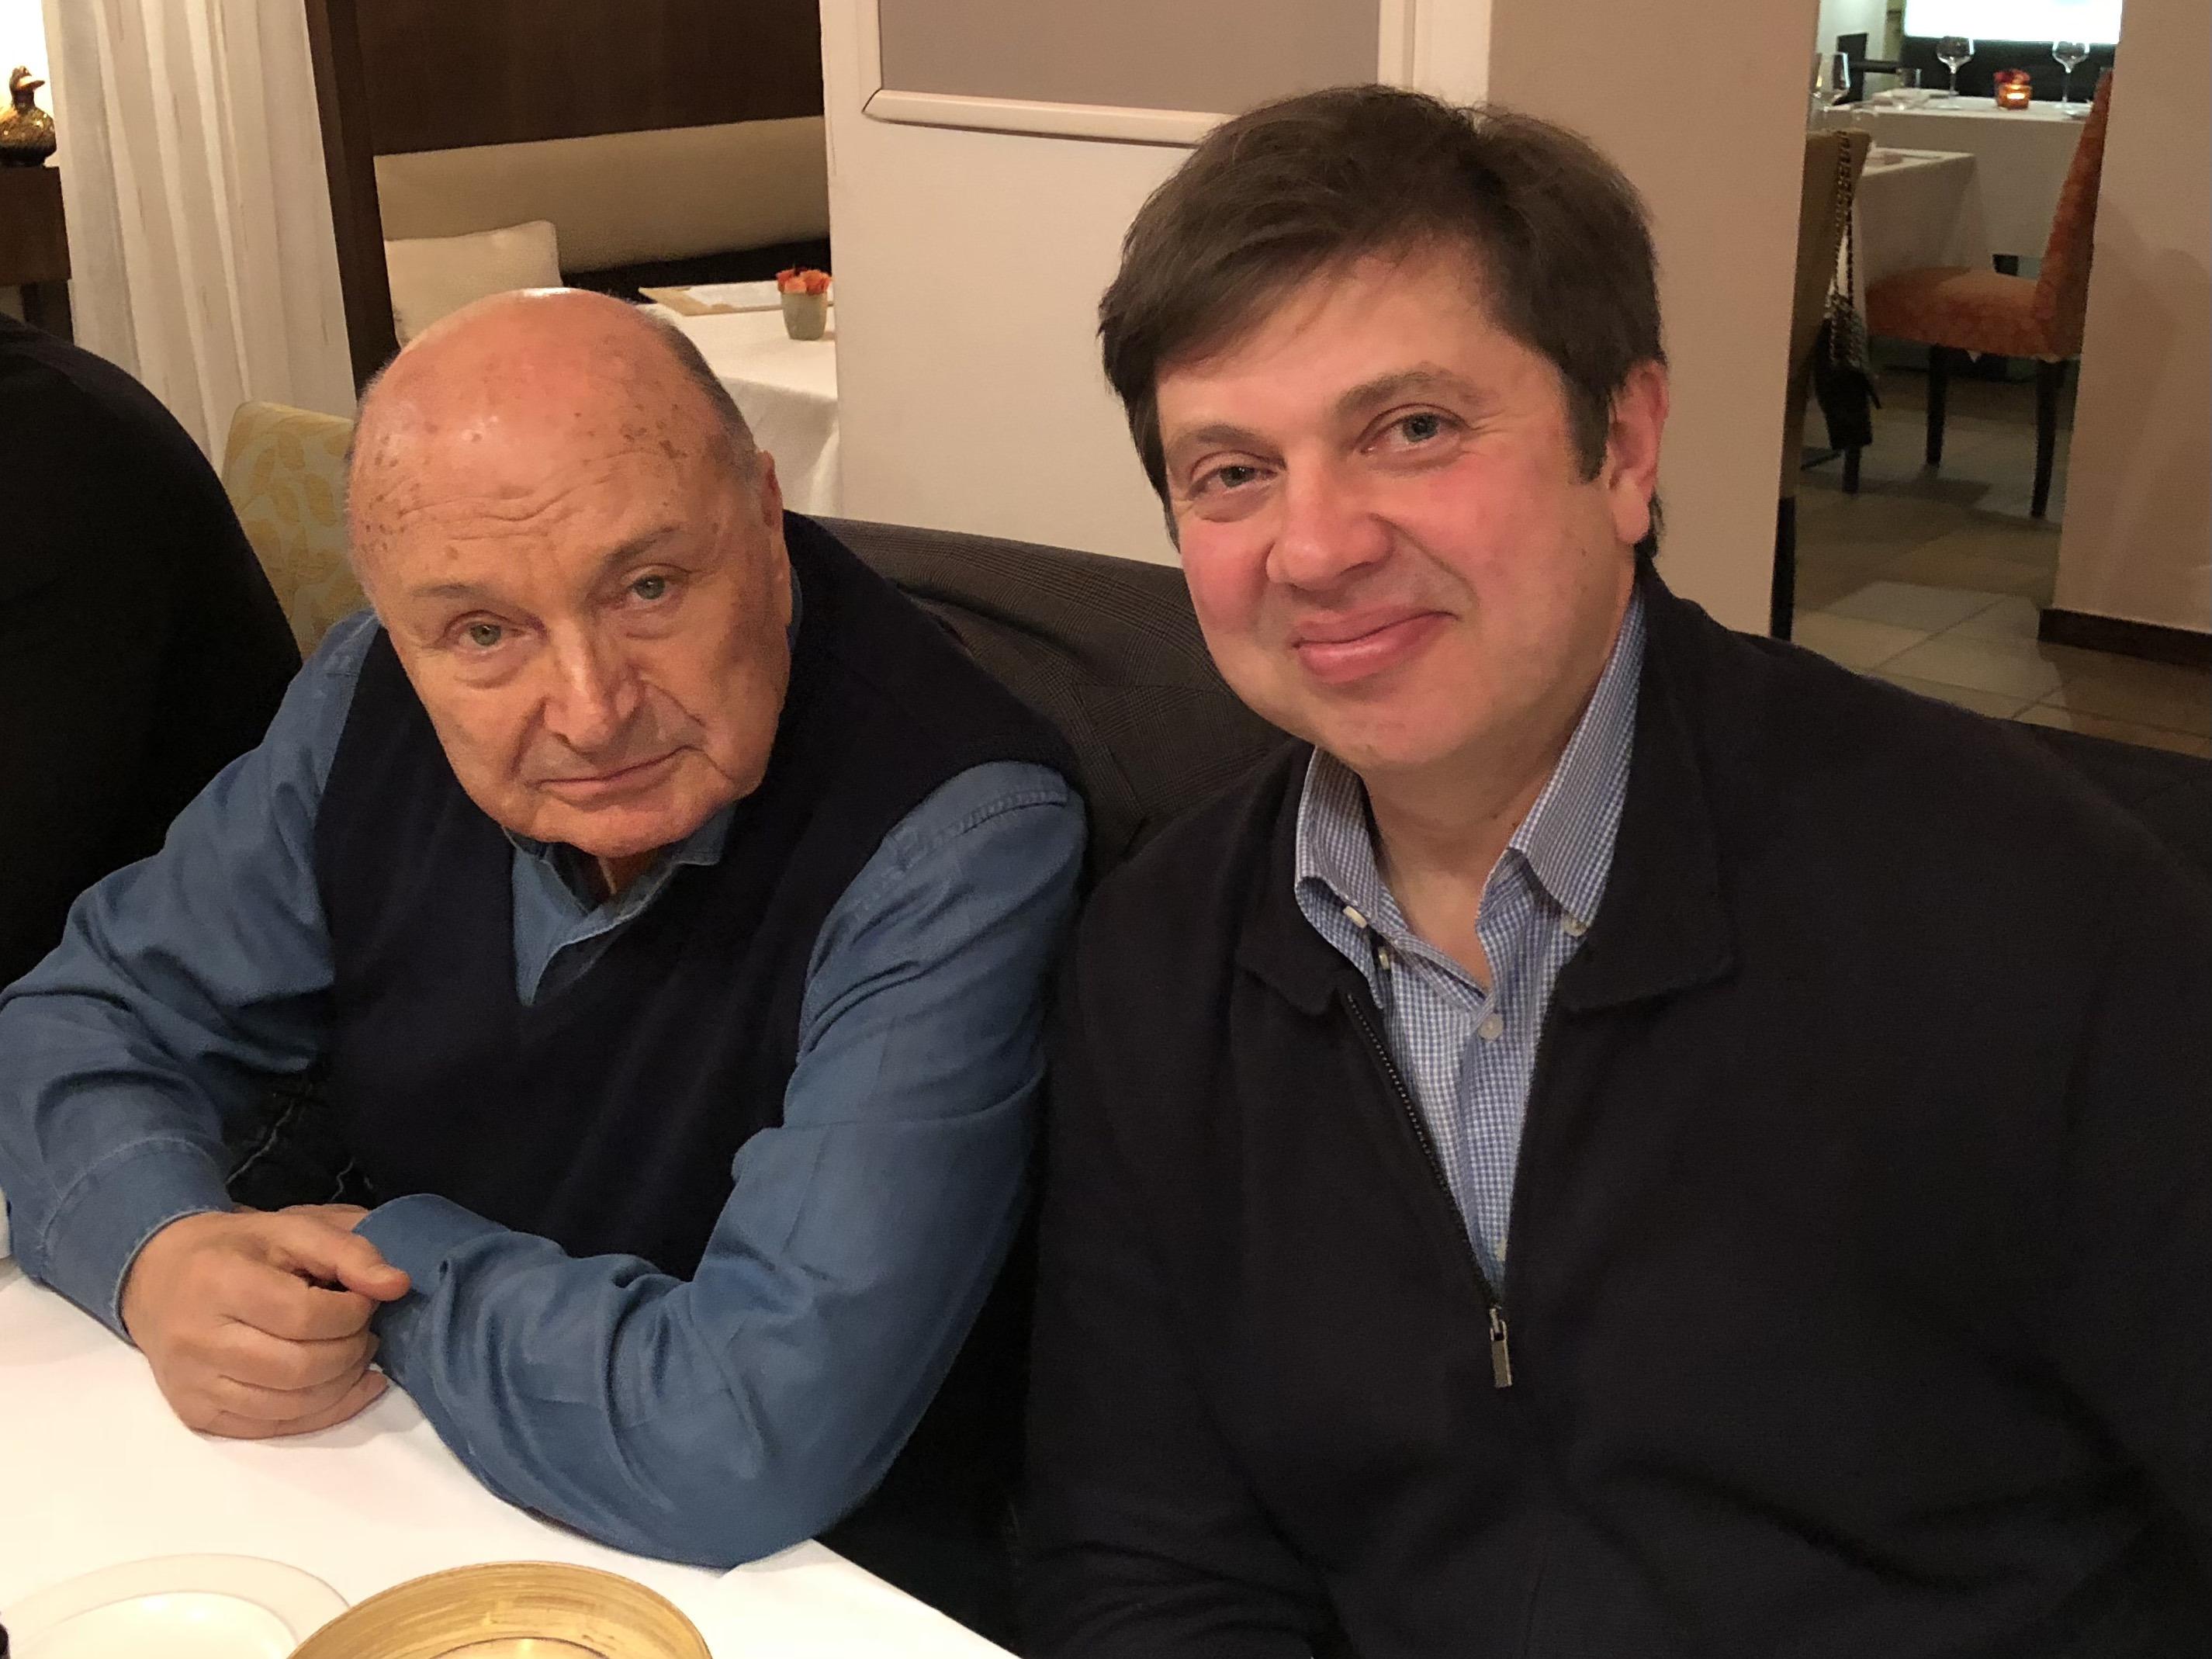 Автор и М. Жванецкий. Прага, 15 февраля 2019 года. Фото Н. Богачёвой